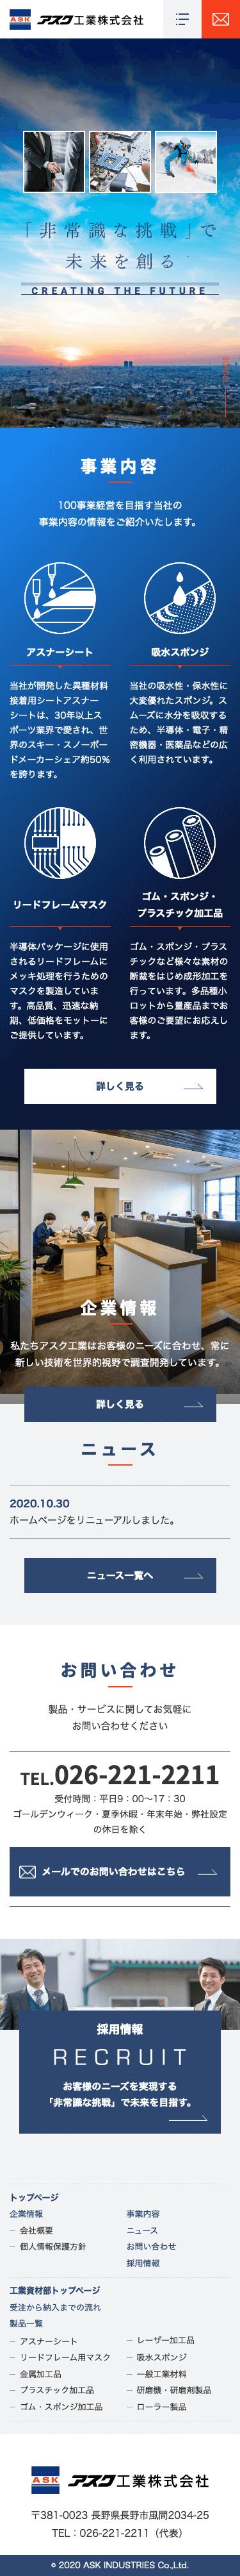 アスク工業株式会社spイメージ